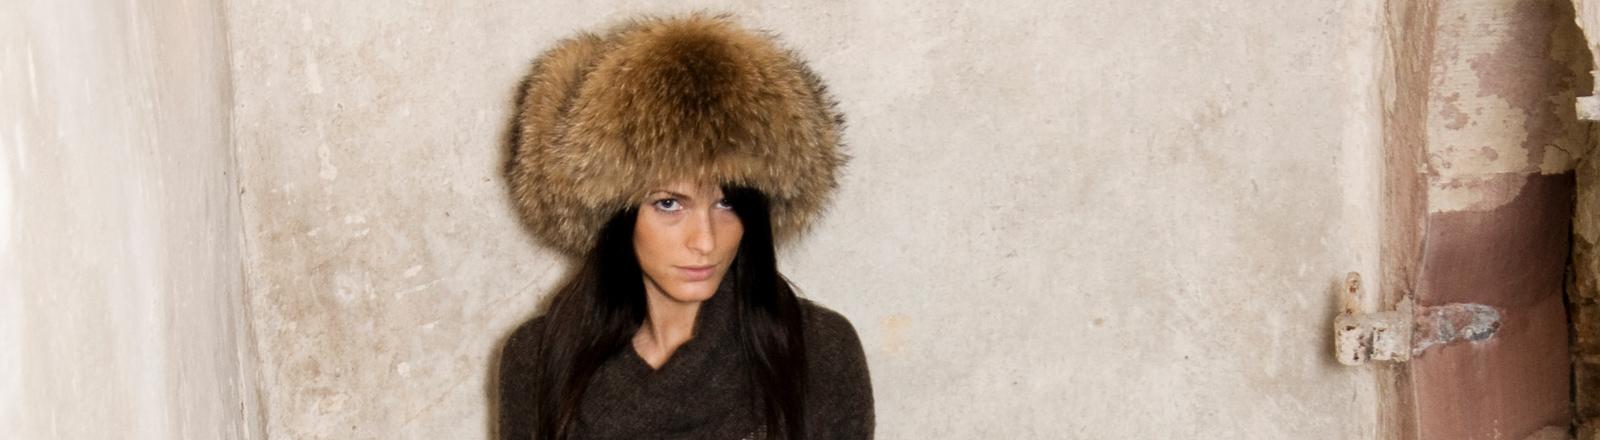 Eine Frau trägt eine Pelzmütze.